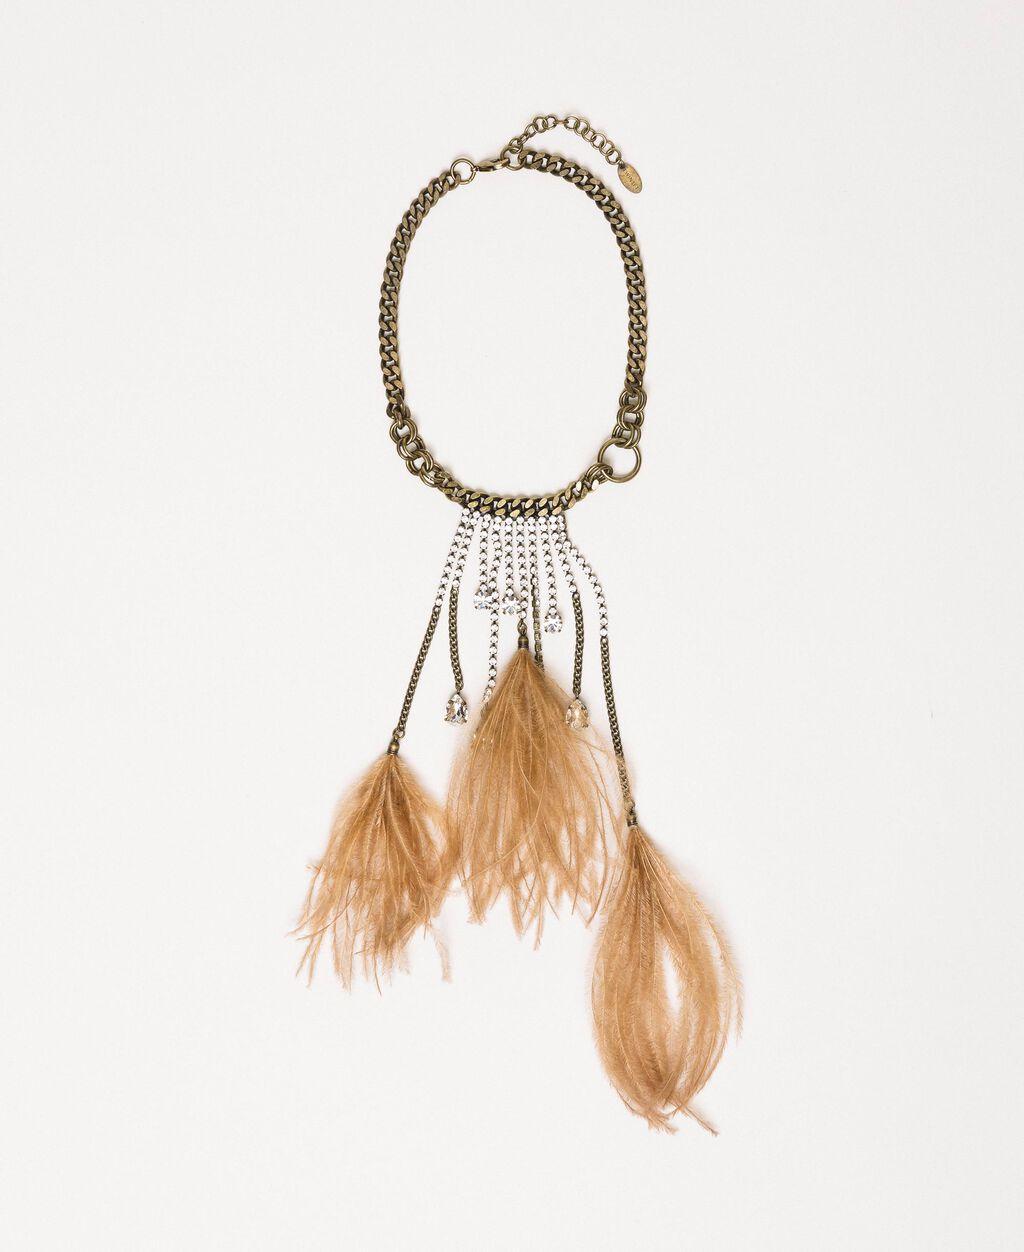 Collier ras-de-cou avec pierres, plumes et strass